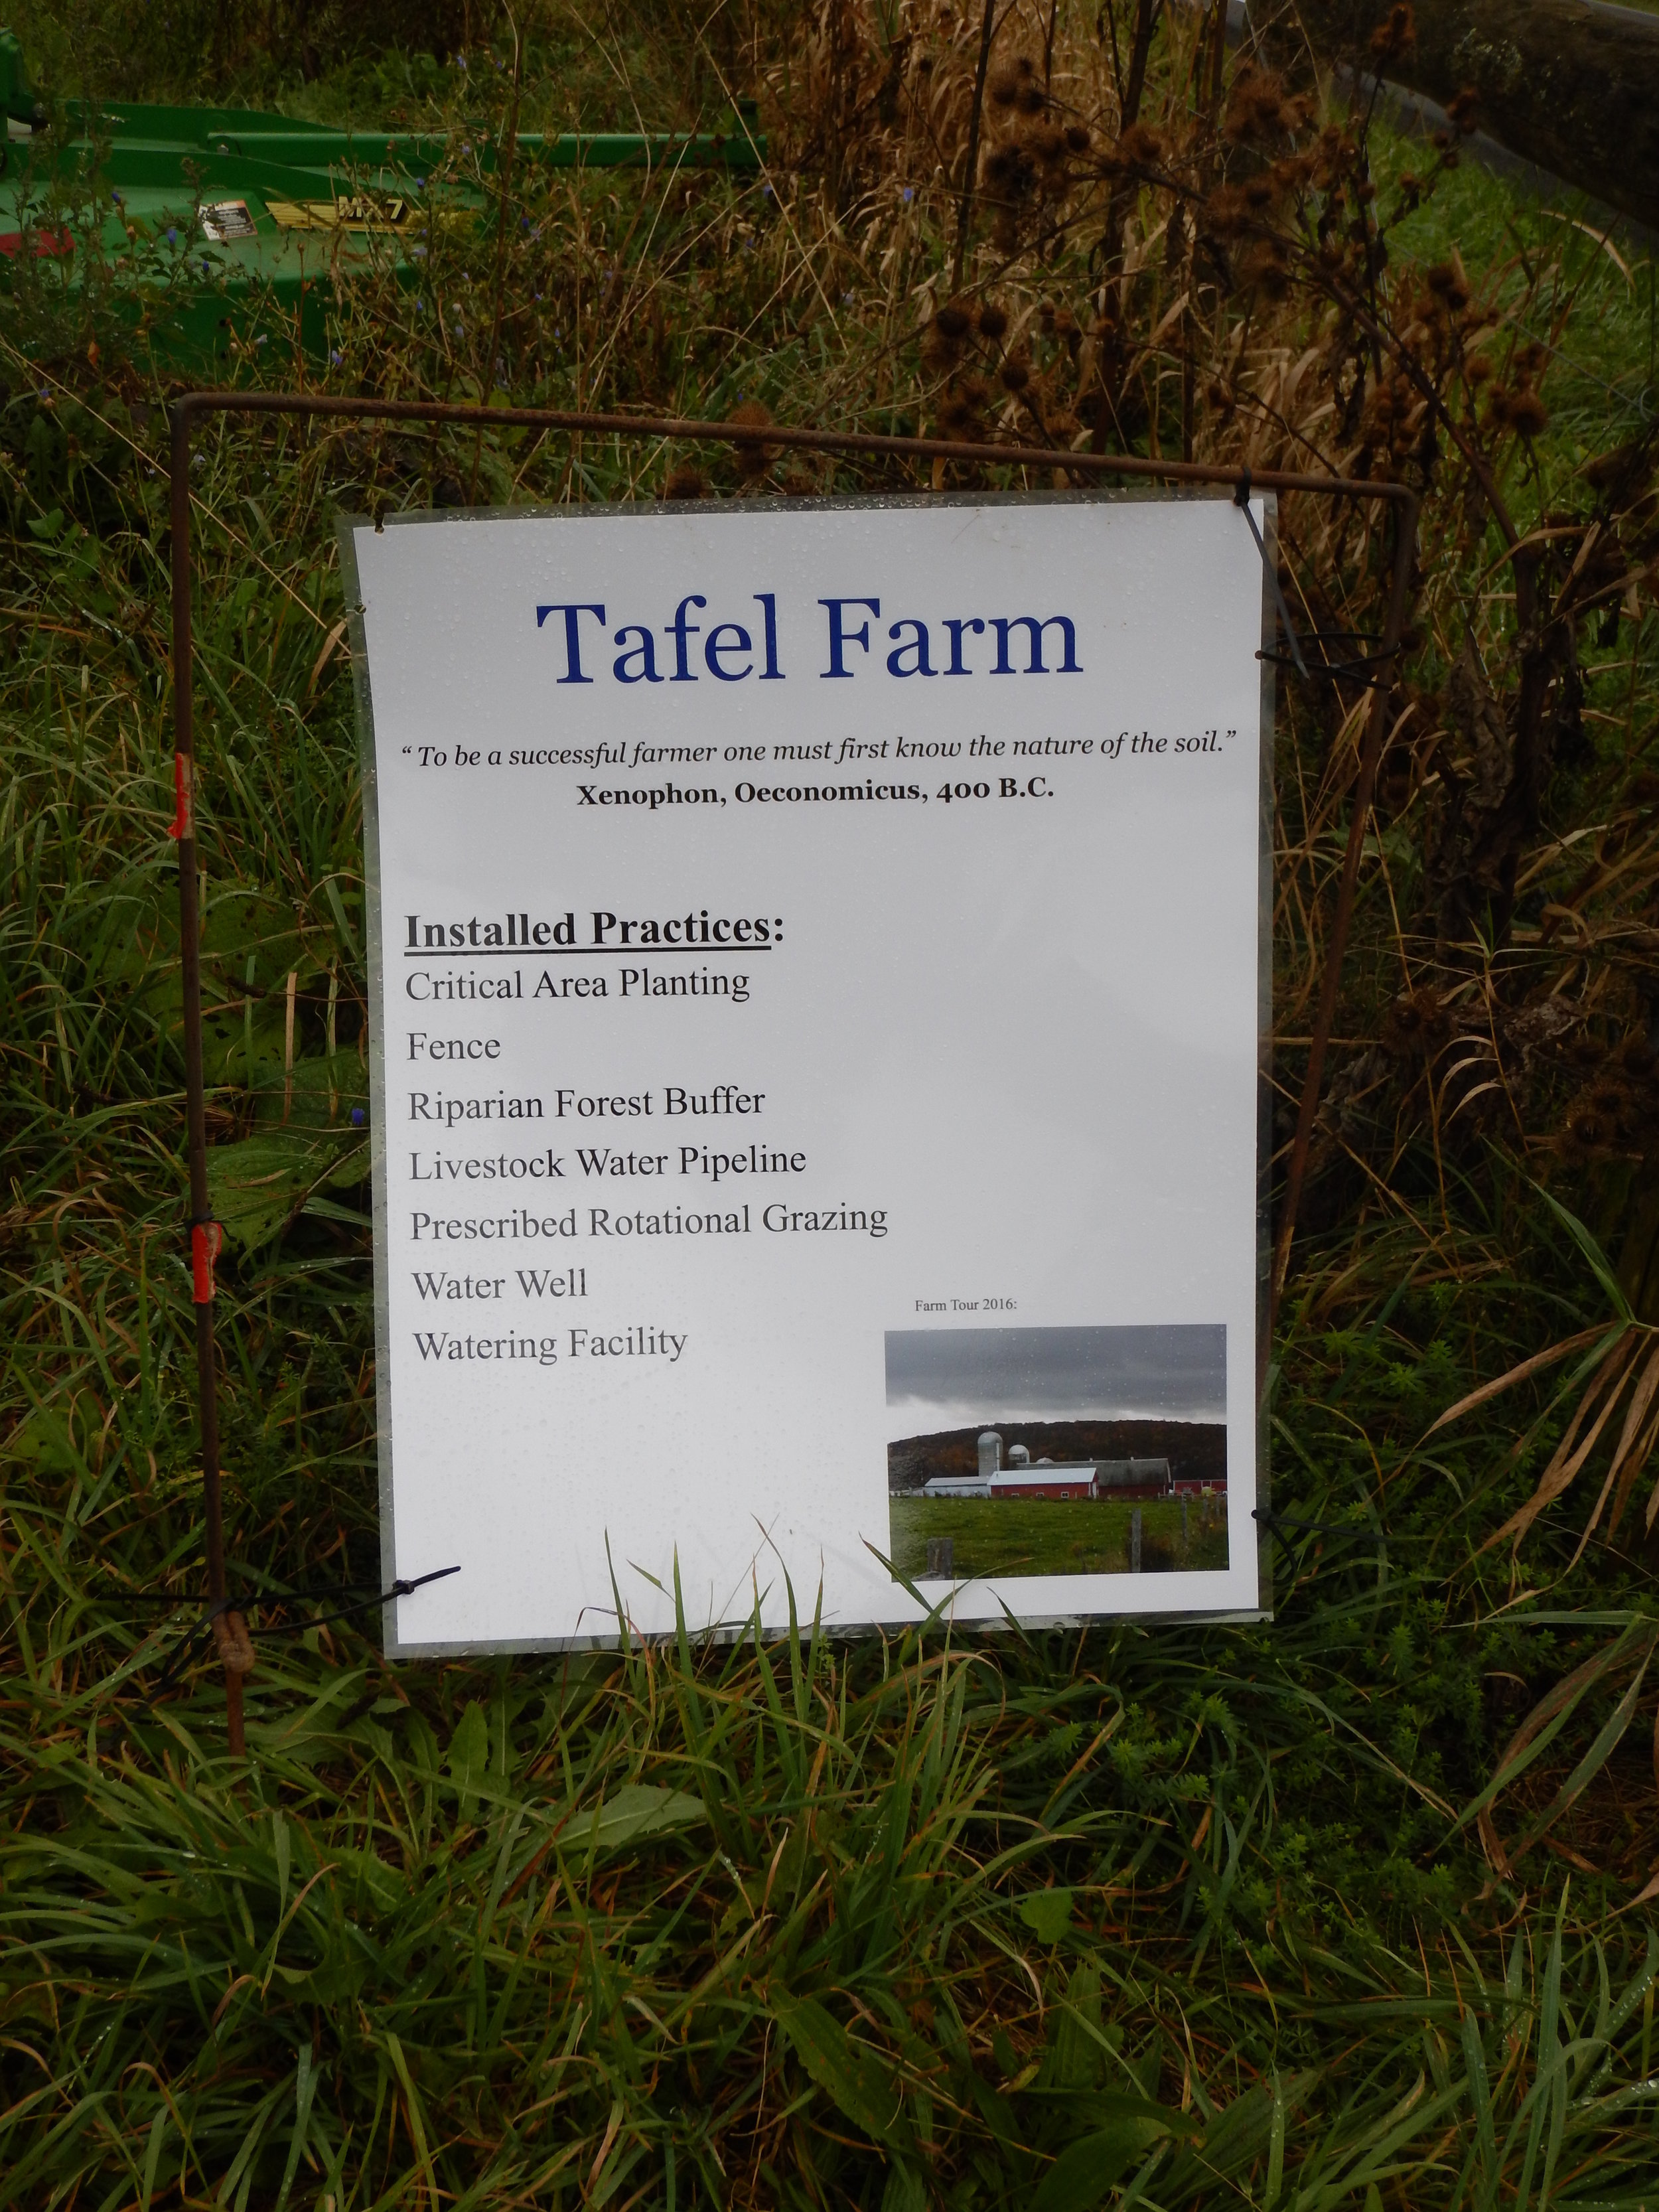 Tafel Farm